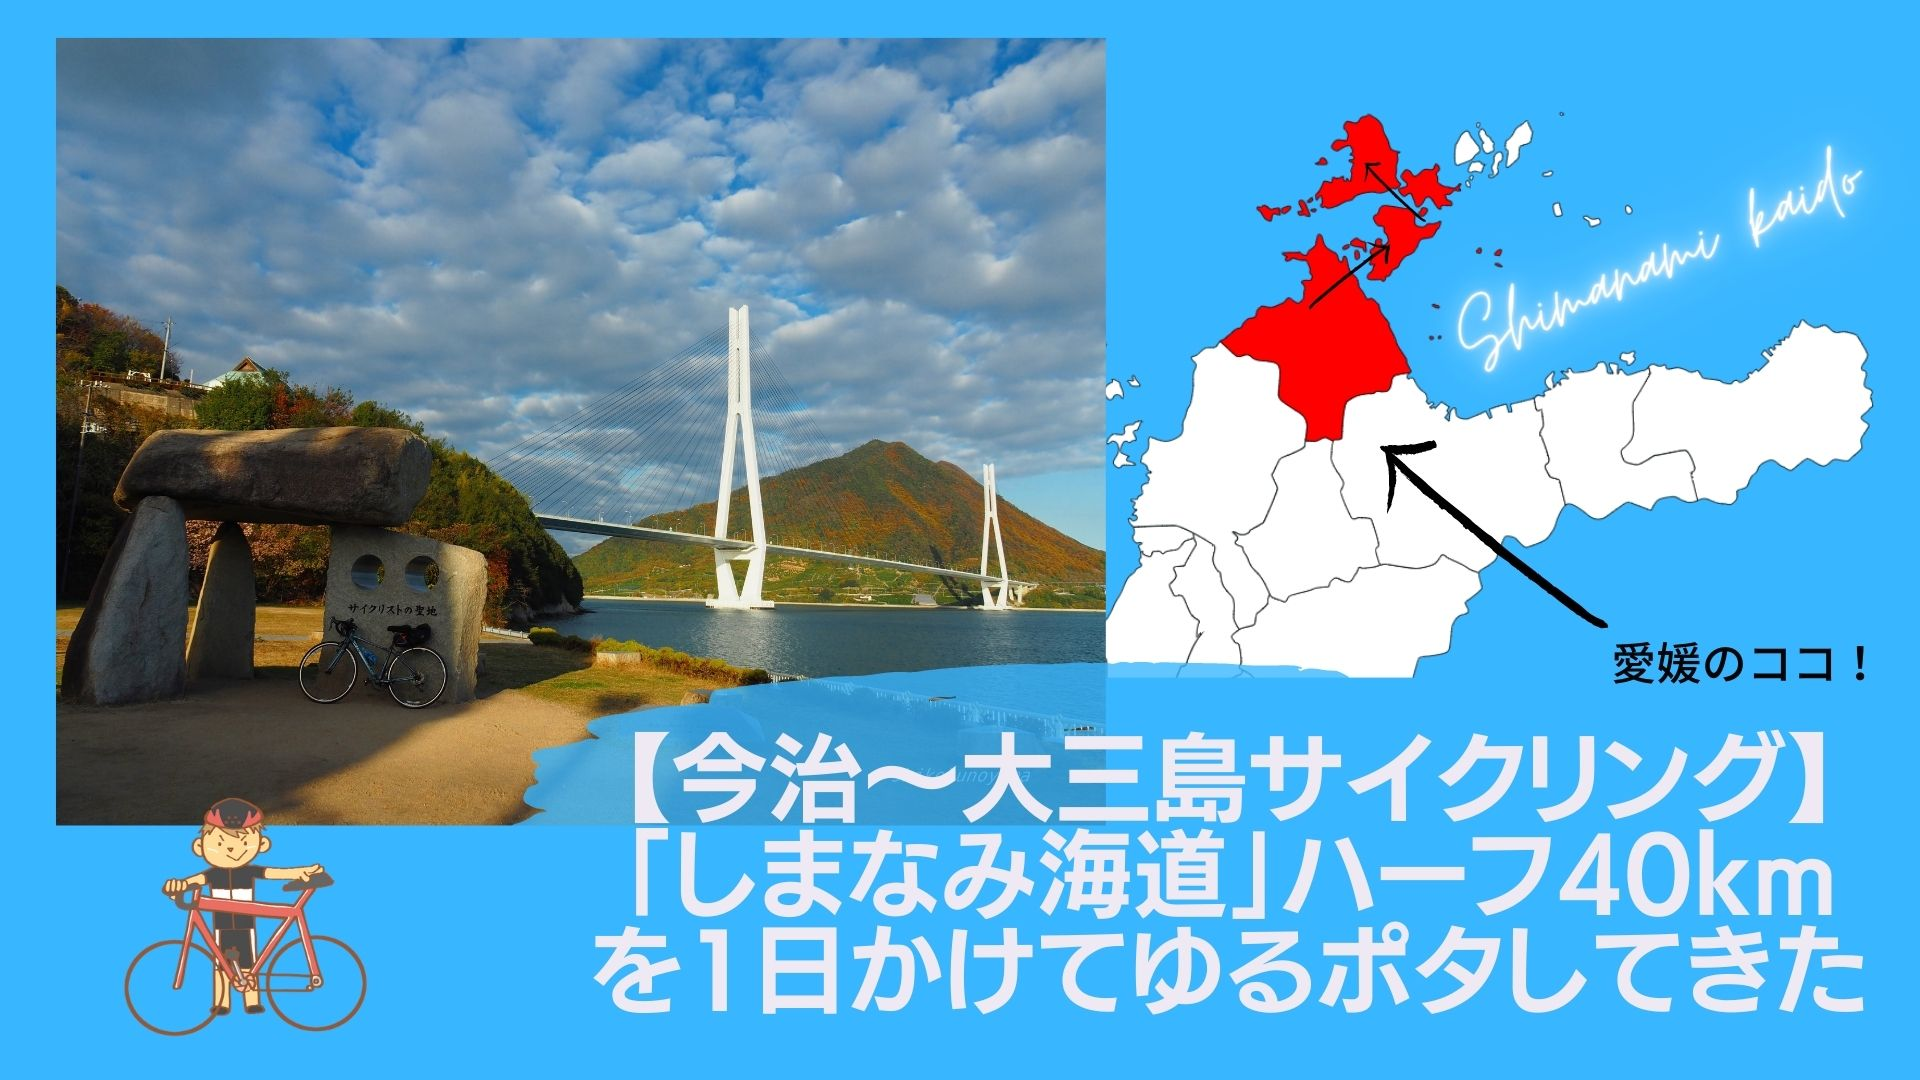 【今治〜大三島サイクリング】「しまなみ海道」ハーフ40kmを1日かけてゆるポタしてきた